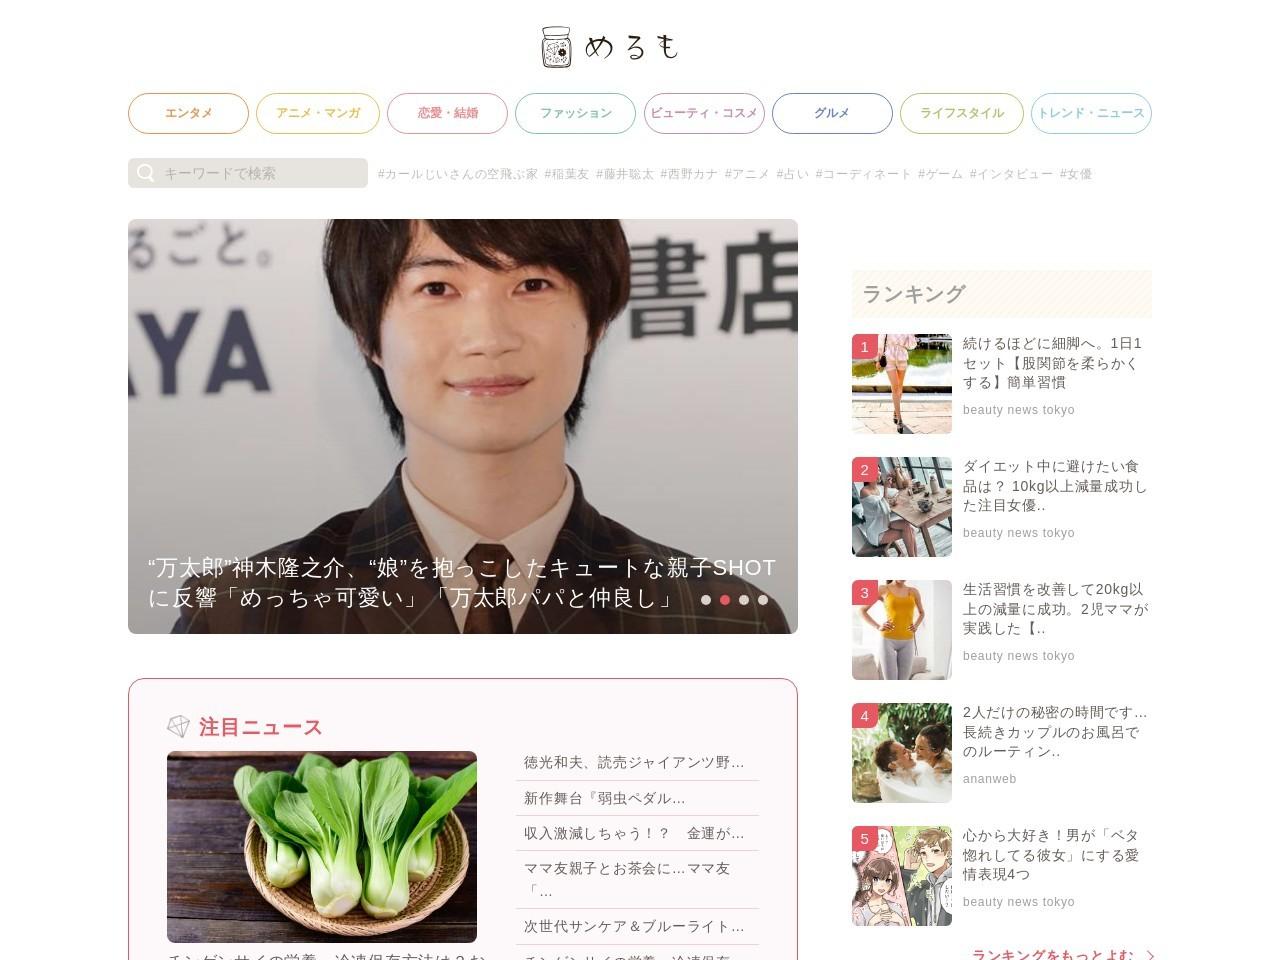 人気男性声優のハマり役ランキング 福山潤、石田彰、宮野真守ら5選